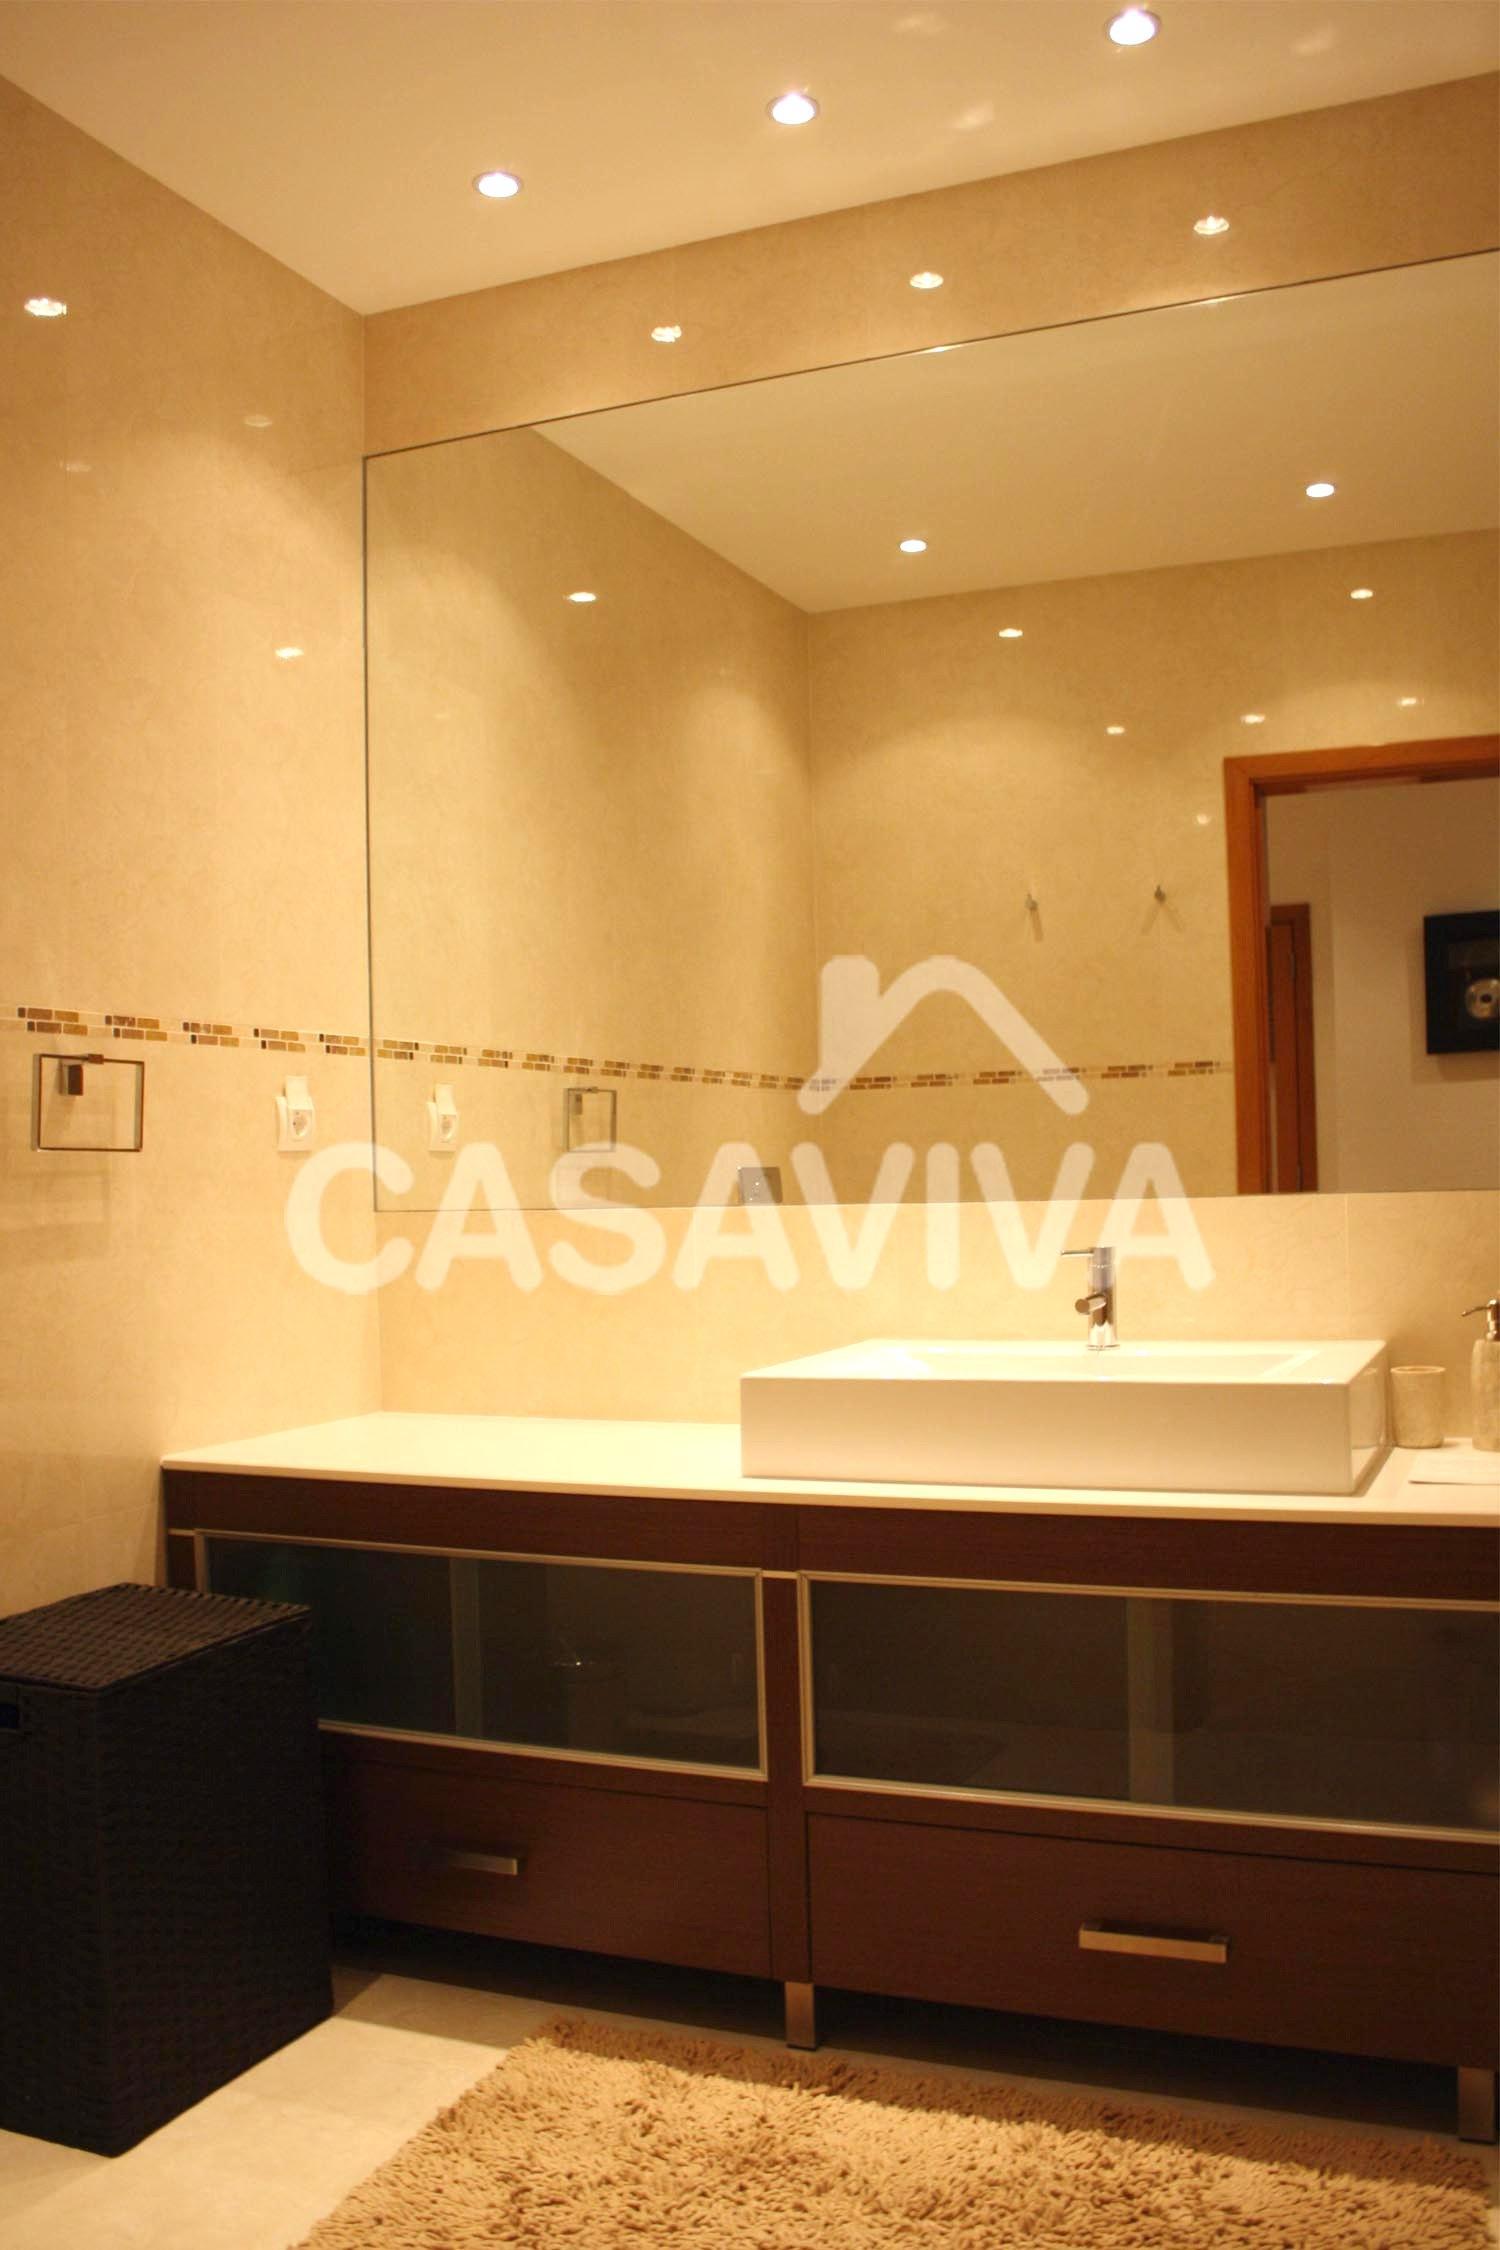 Cuartos De Bano El Mueble.Empresa De Reformas Integrales En Madrid Cuarto De Bano